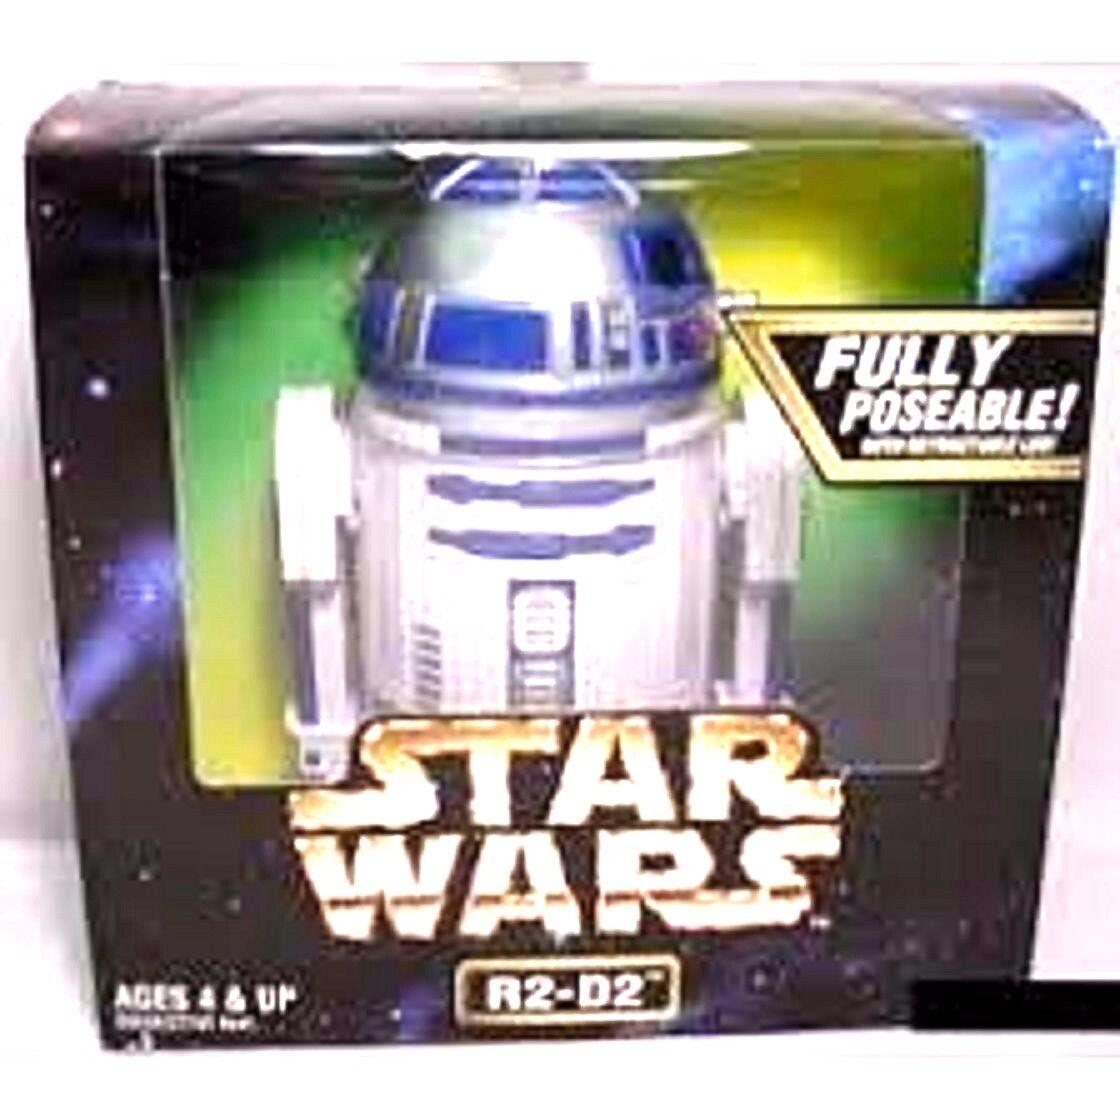 Star Wars R2-D2 6   Action Collection Figure Avec Rétractable Jambe-NEUF  pour pas cher